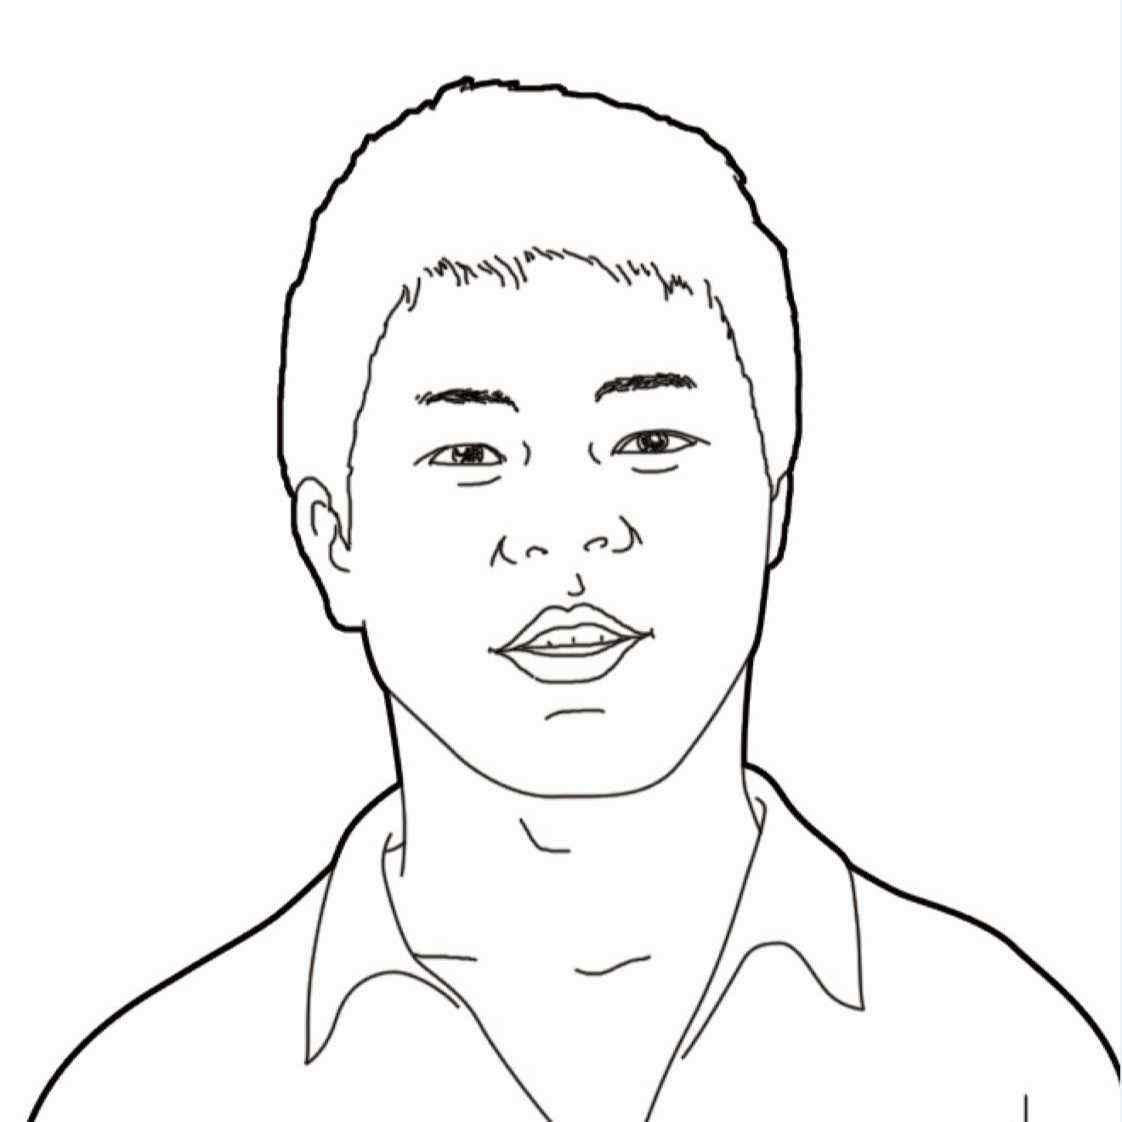 师天浩,关注大互联网,36氪、虎嗅、钛媒体等平台认证作者。